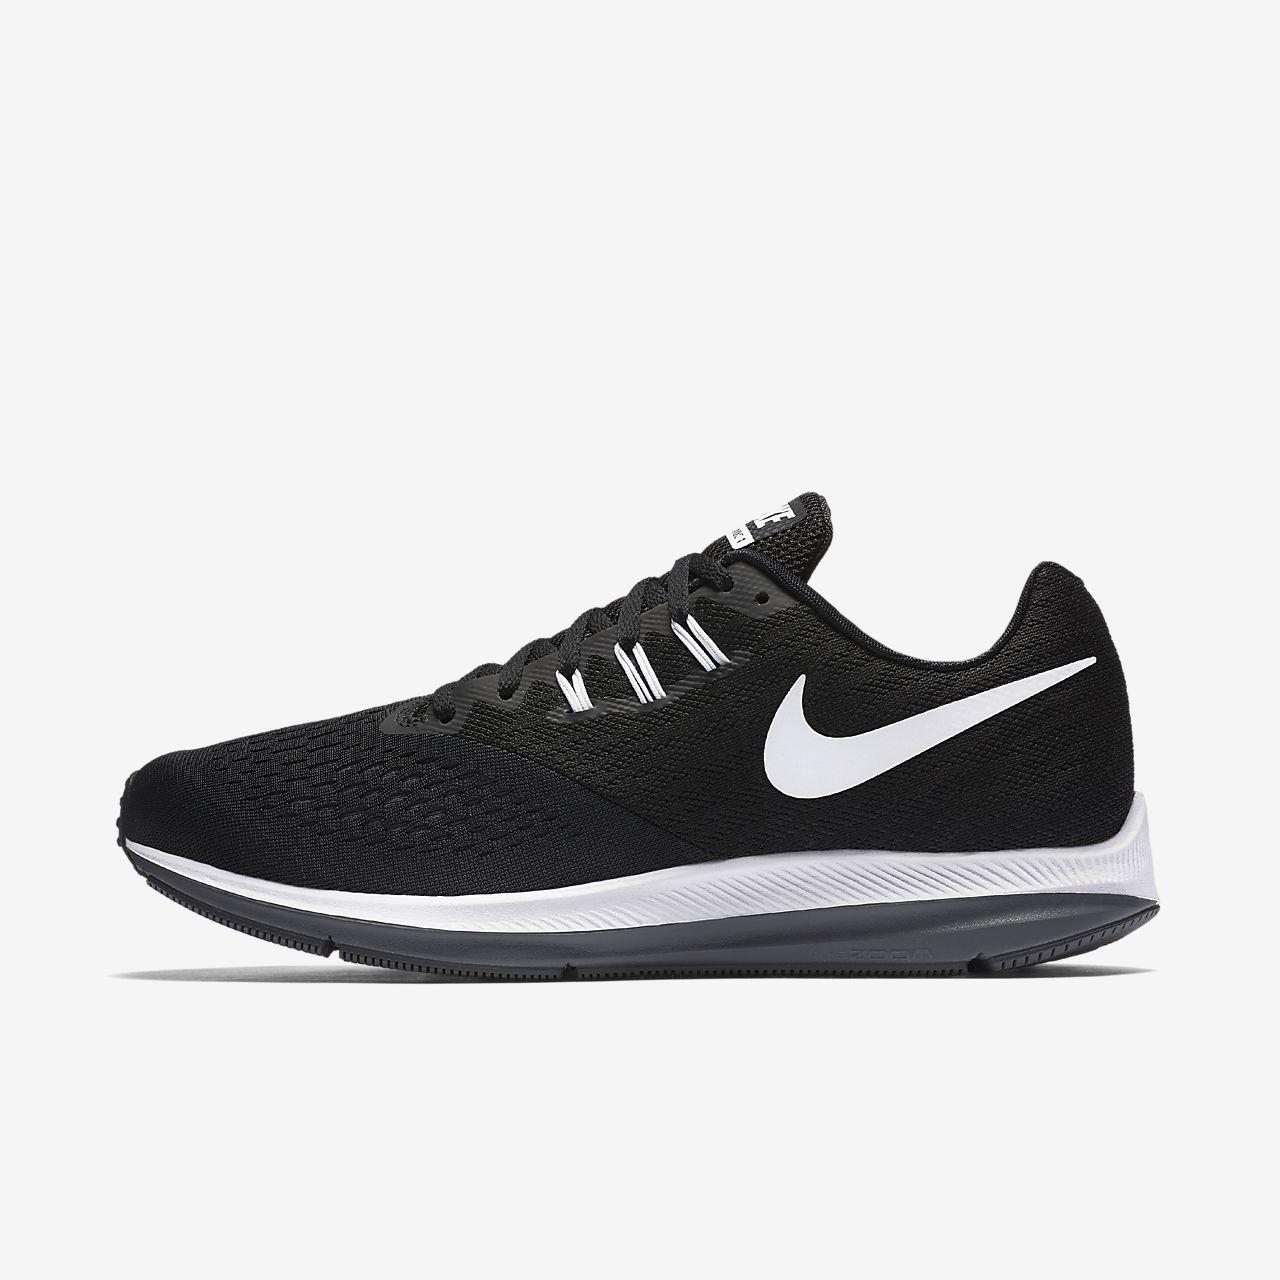 ... Nike Zoom Winflo 4 Hardloopschoen voor heren